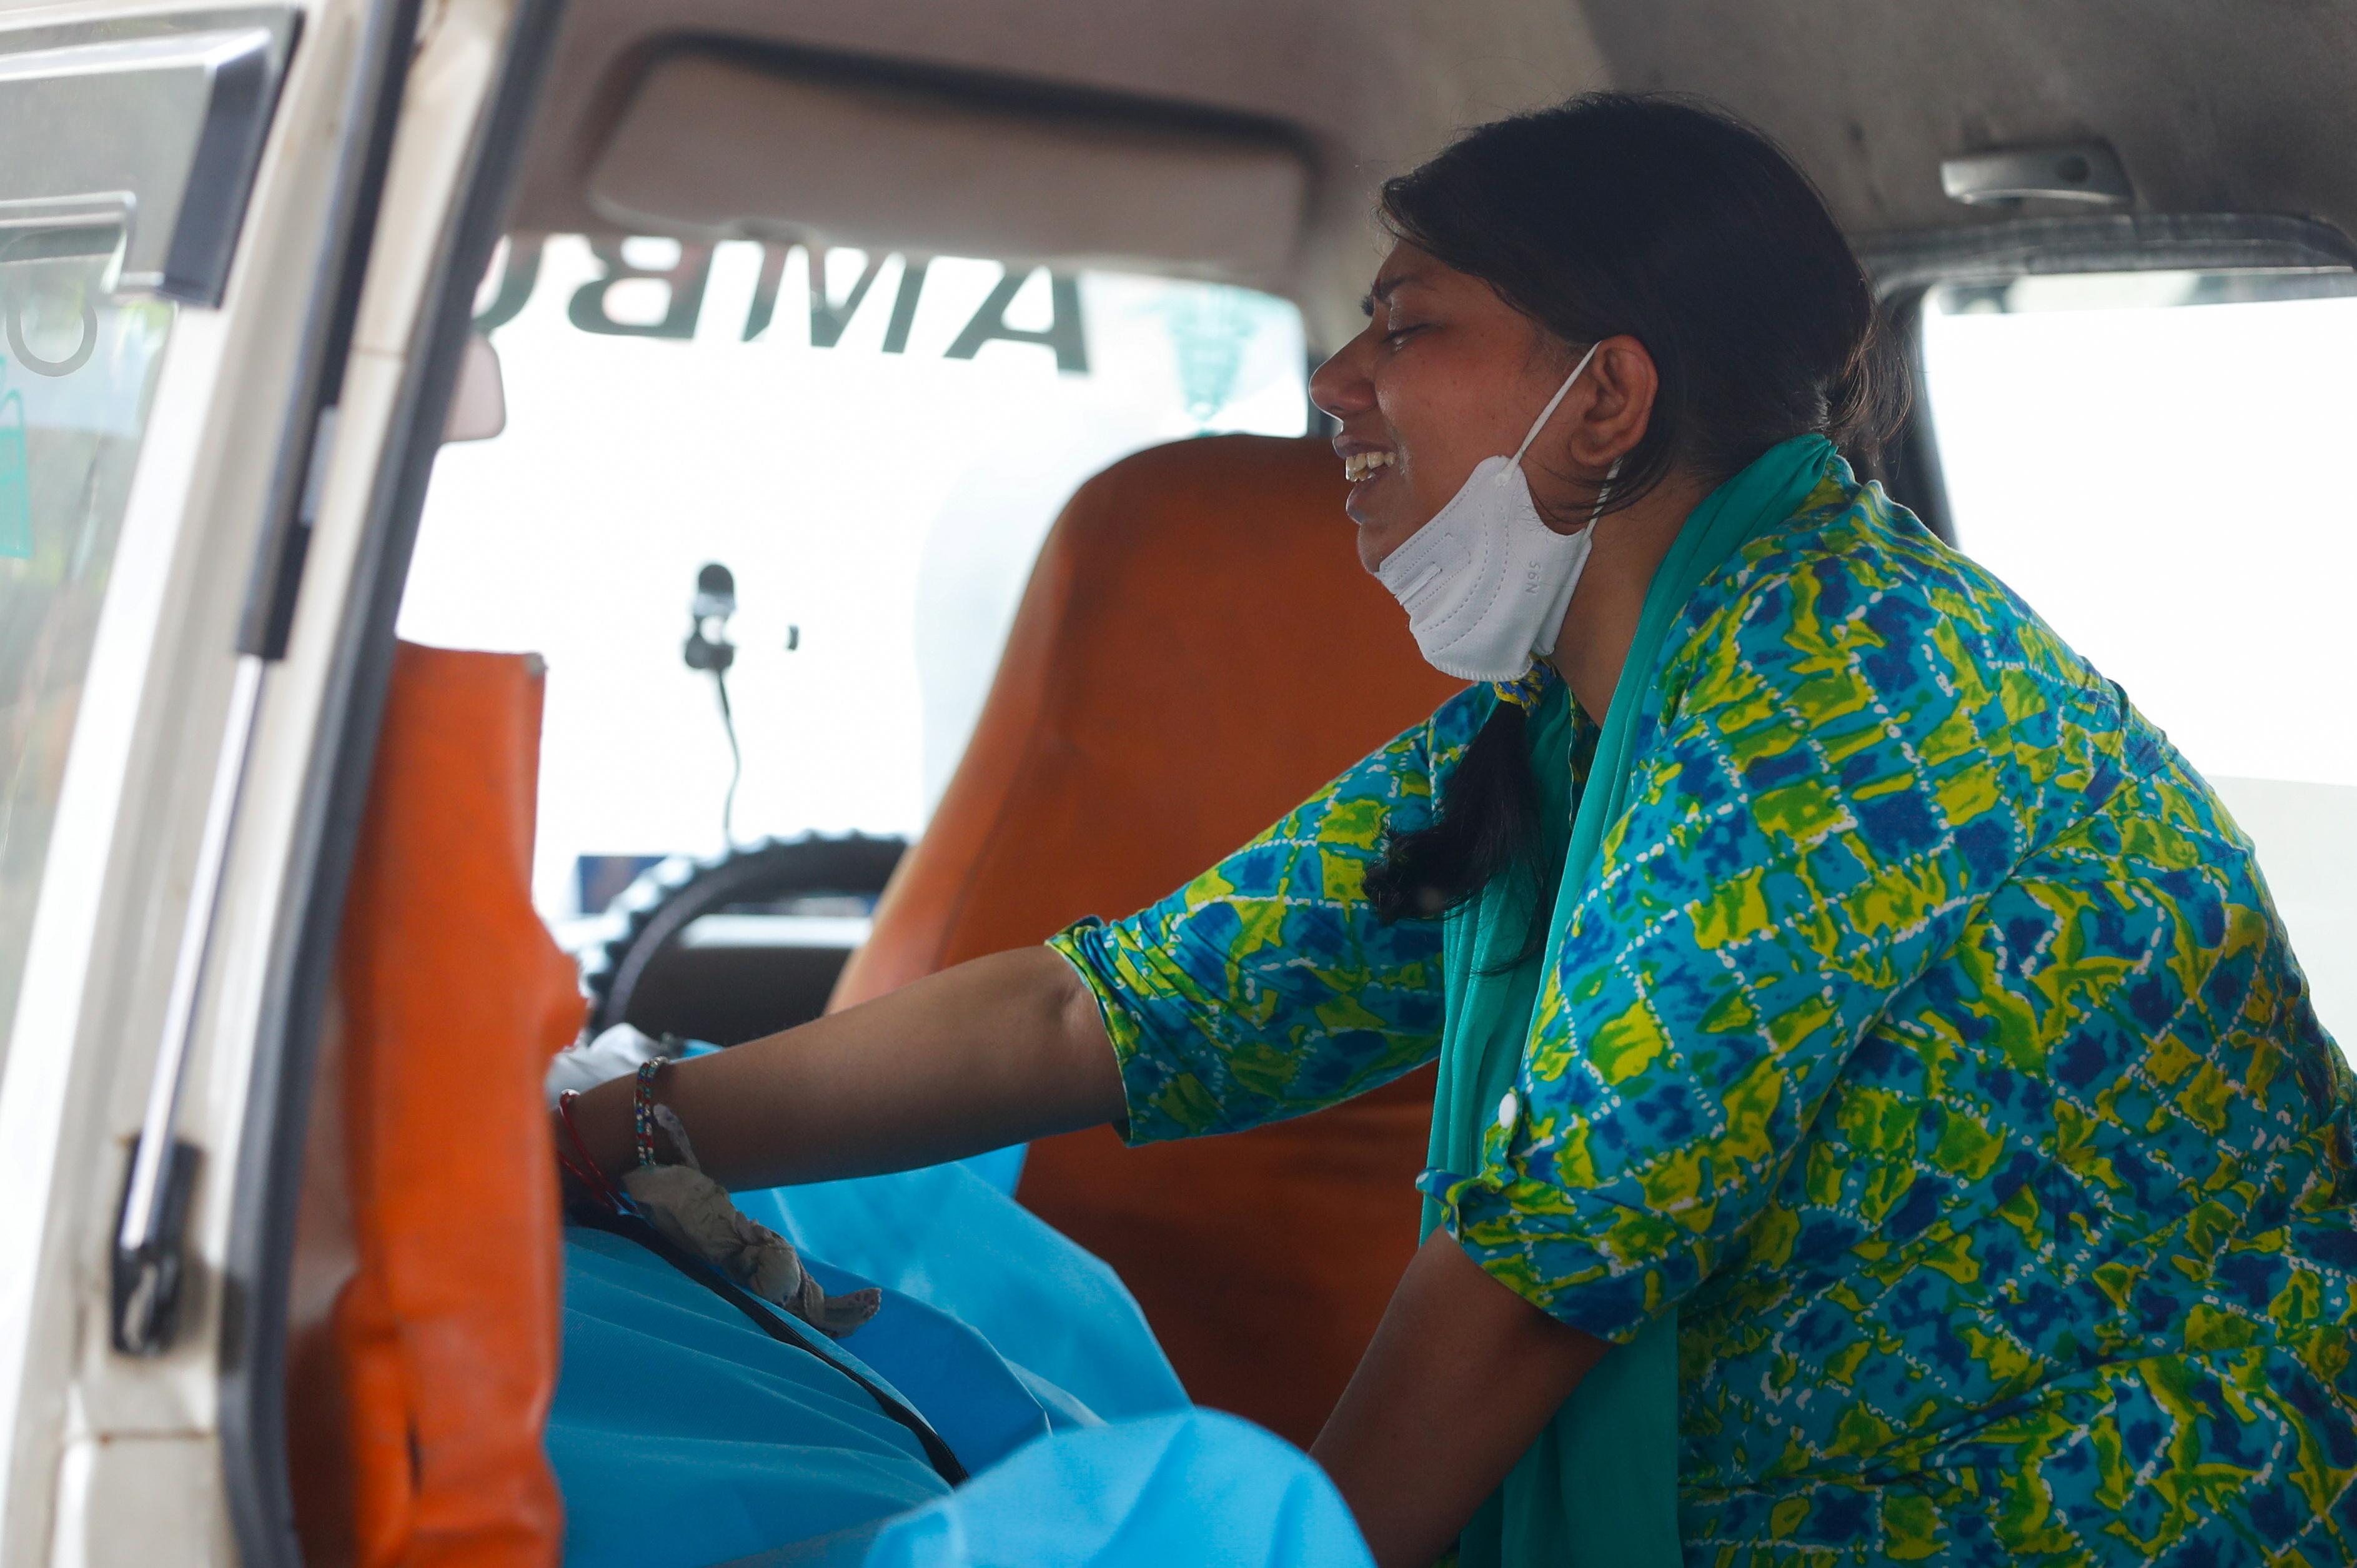 Аанчал Шарма плаче над тілом свого чоловіка, який помер від коронавірусної хвороби (COVID-19), у кареті швидкої допомоги на землі крематорію в Нью-Делі, Індія, 30 квітня 2021 р. REUTERS / Аднан Абіді